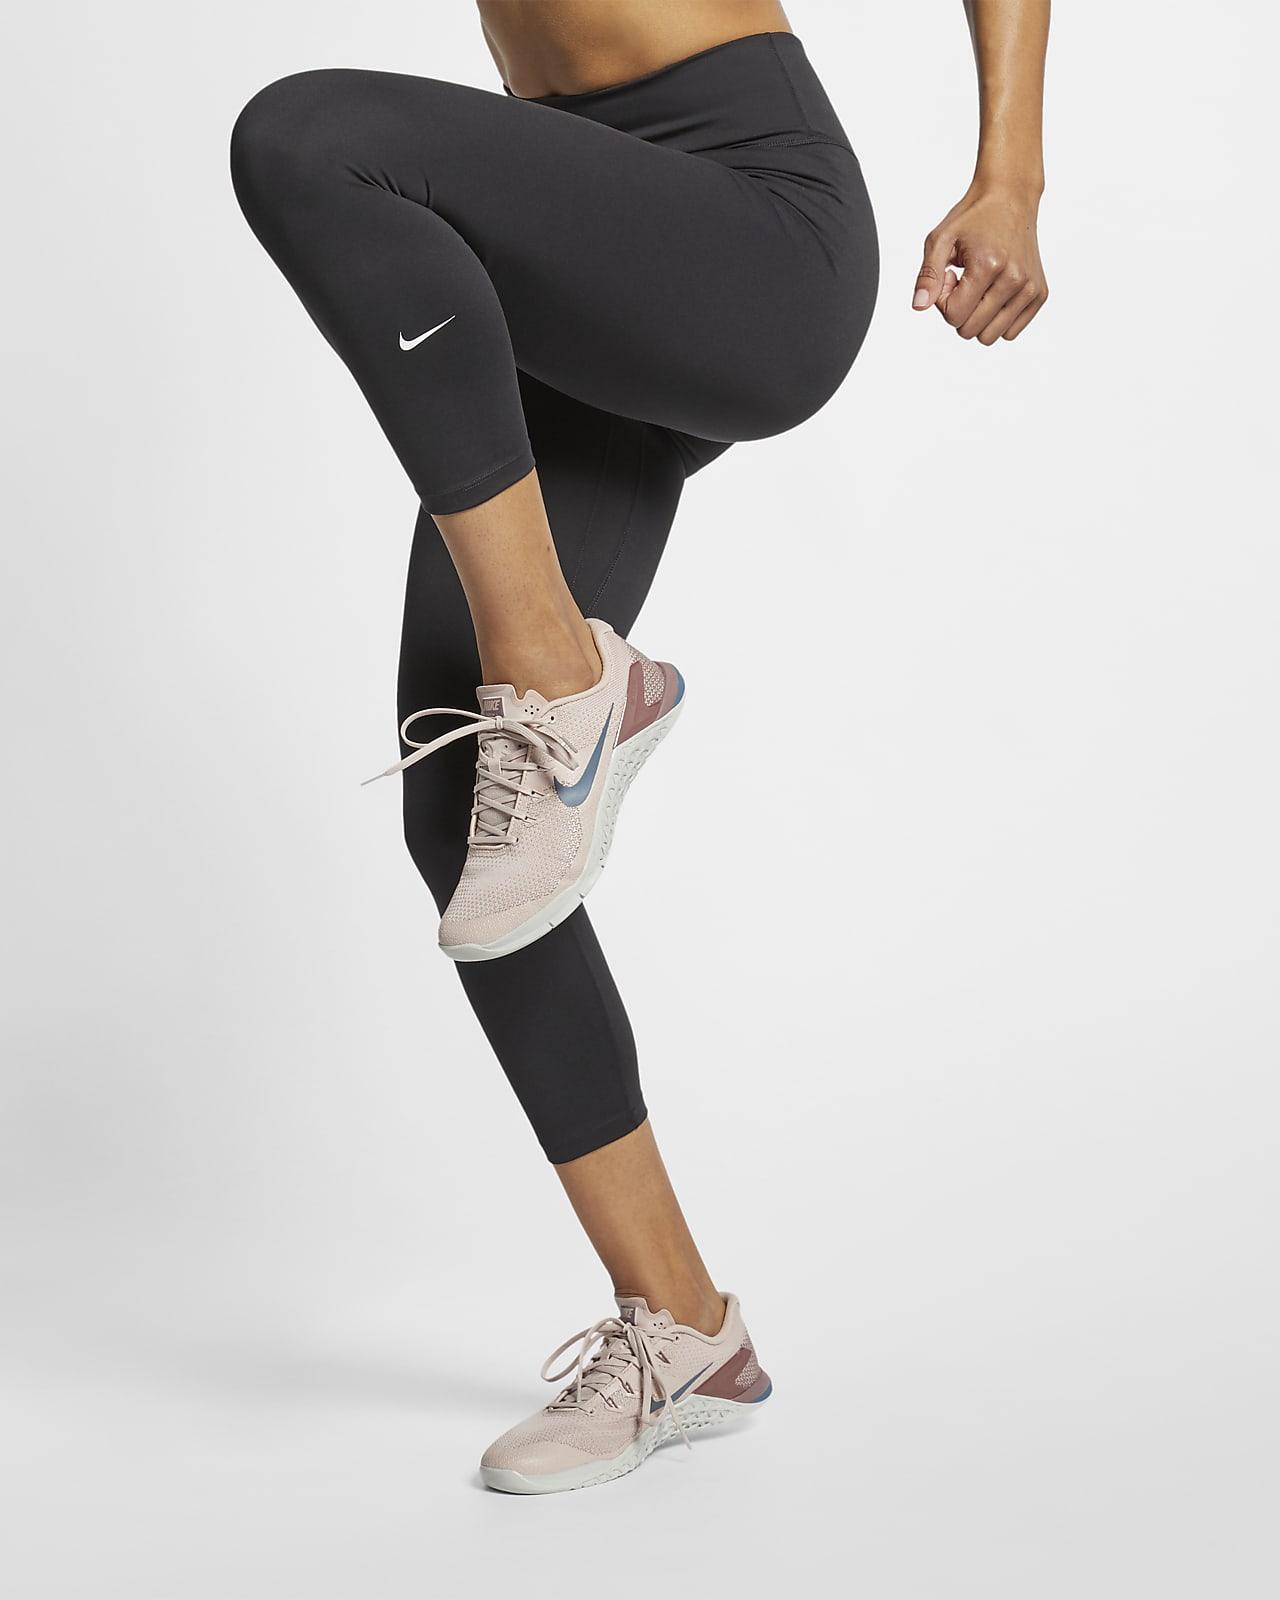 Женские укороченные леггинсы со средней посадкой Nike One